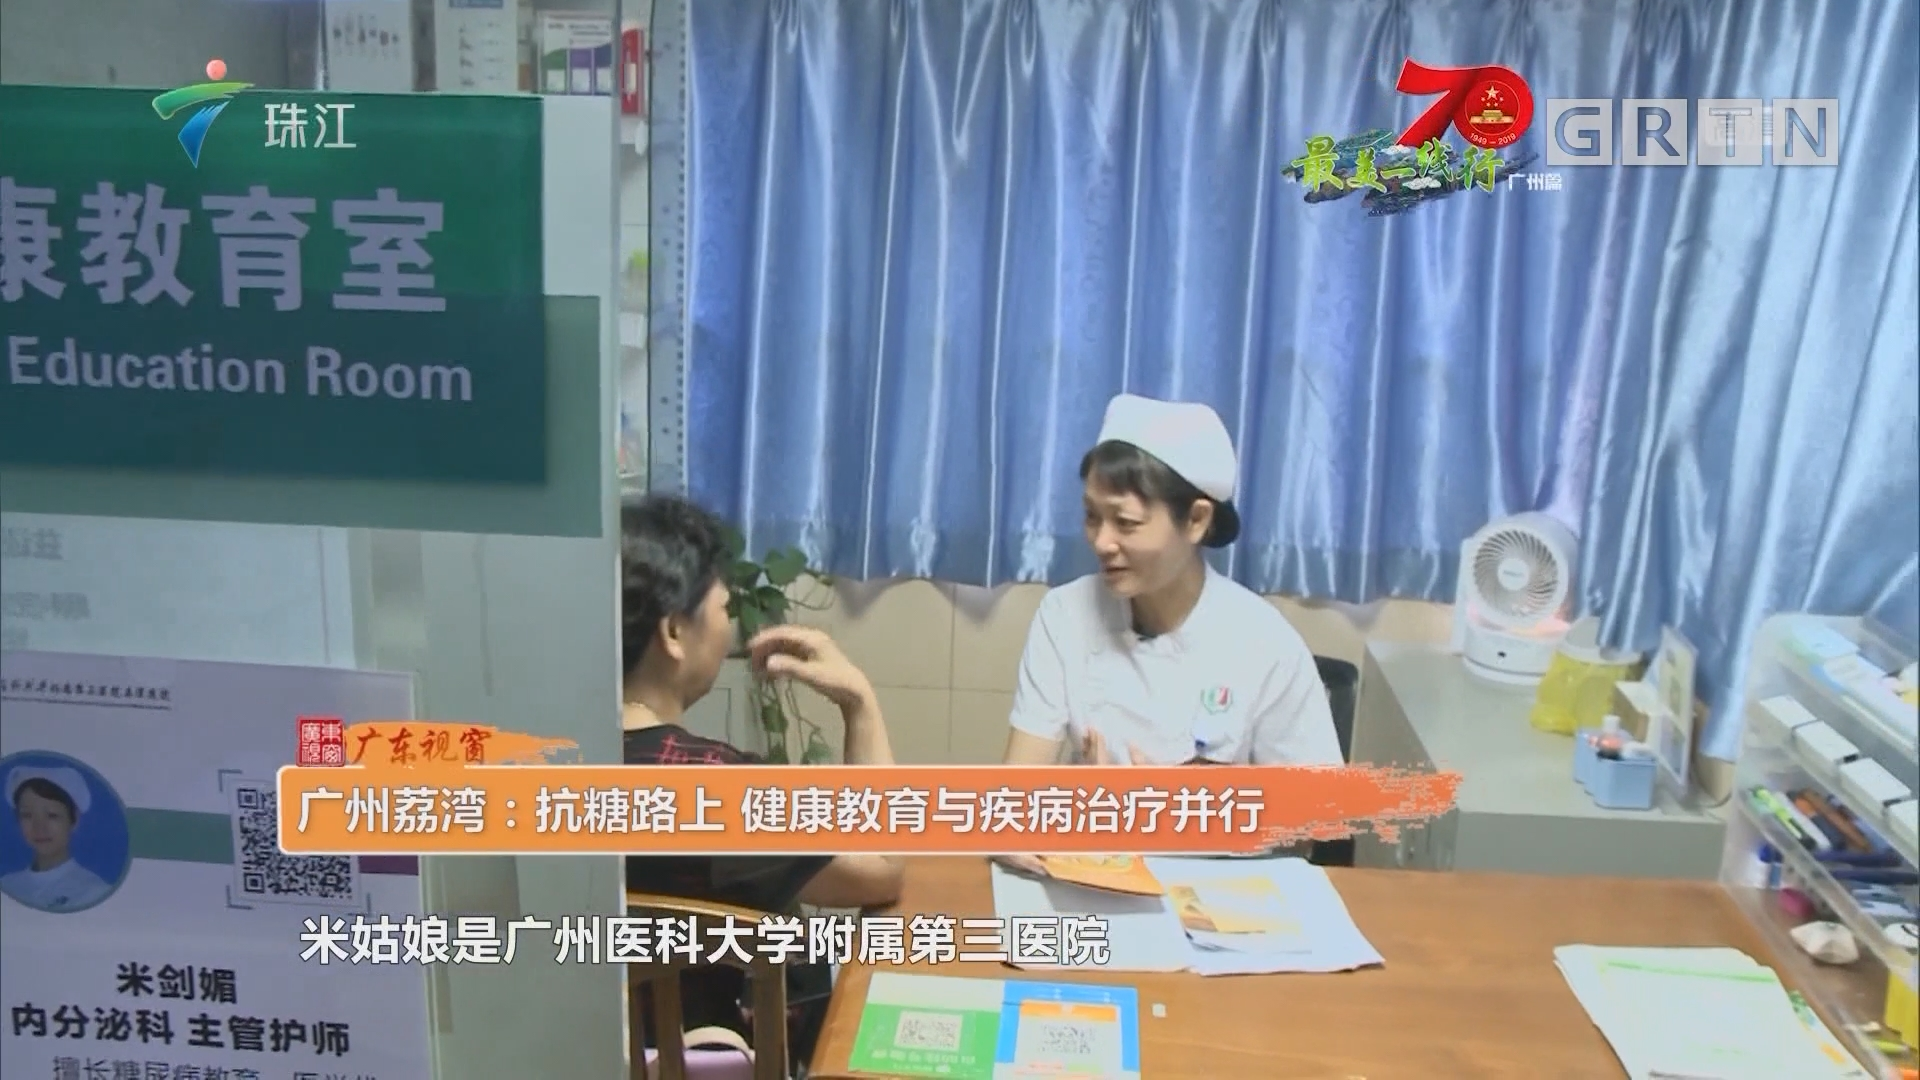 广州荔湾:抗糖路上 健康教育与疾病治疗并行